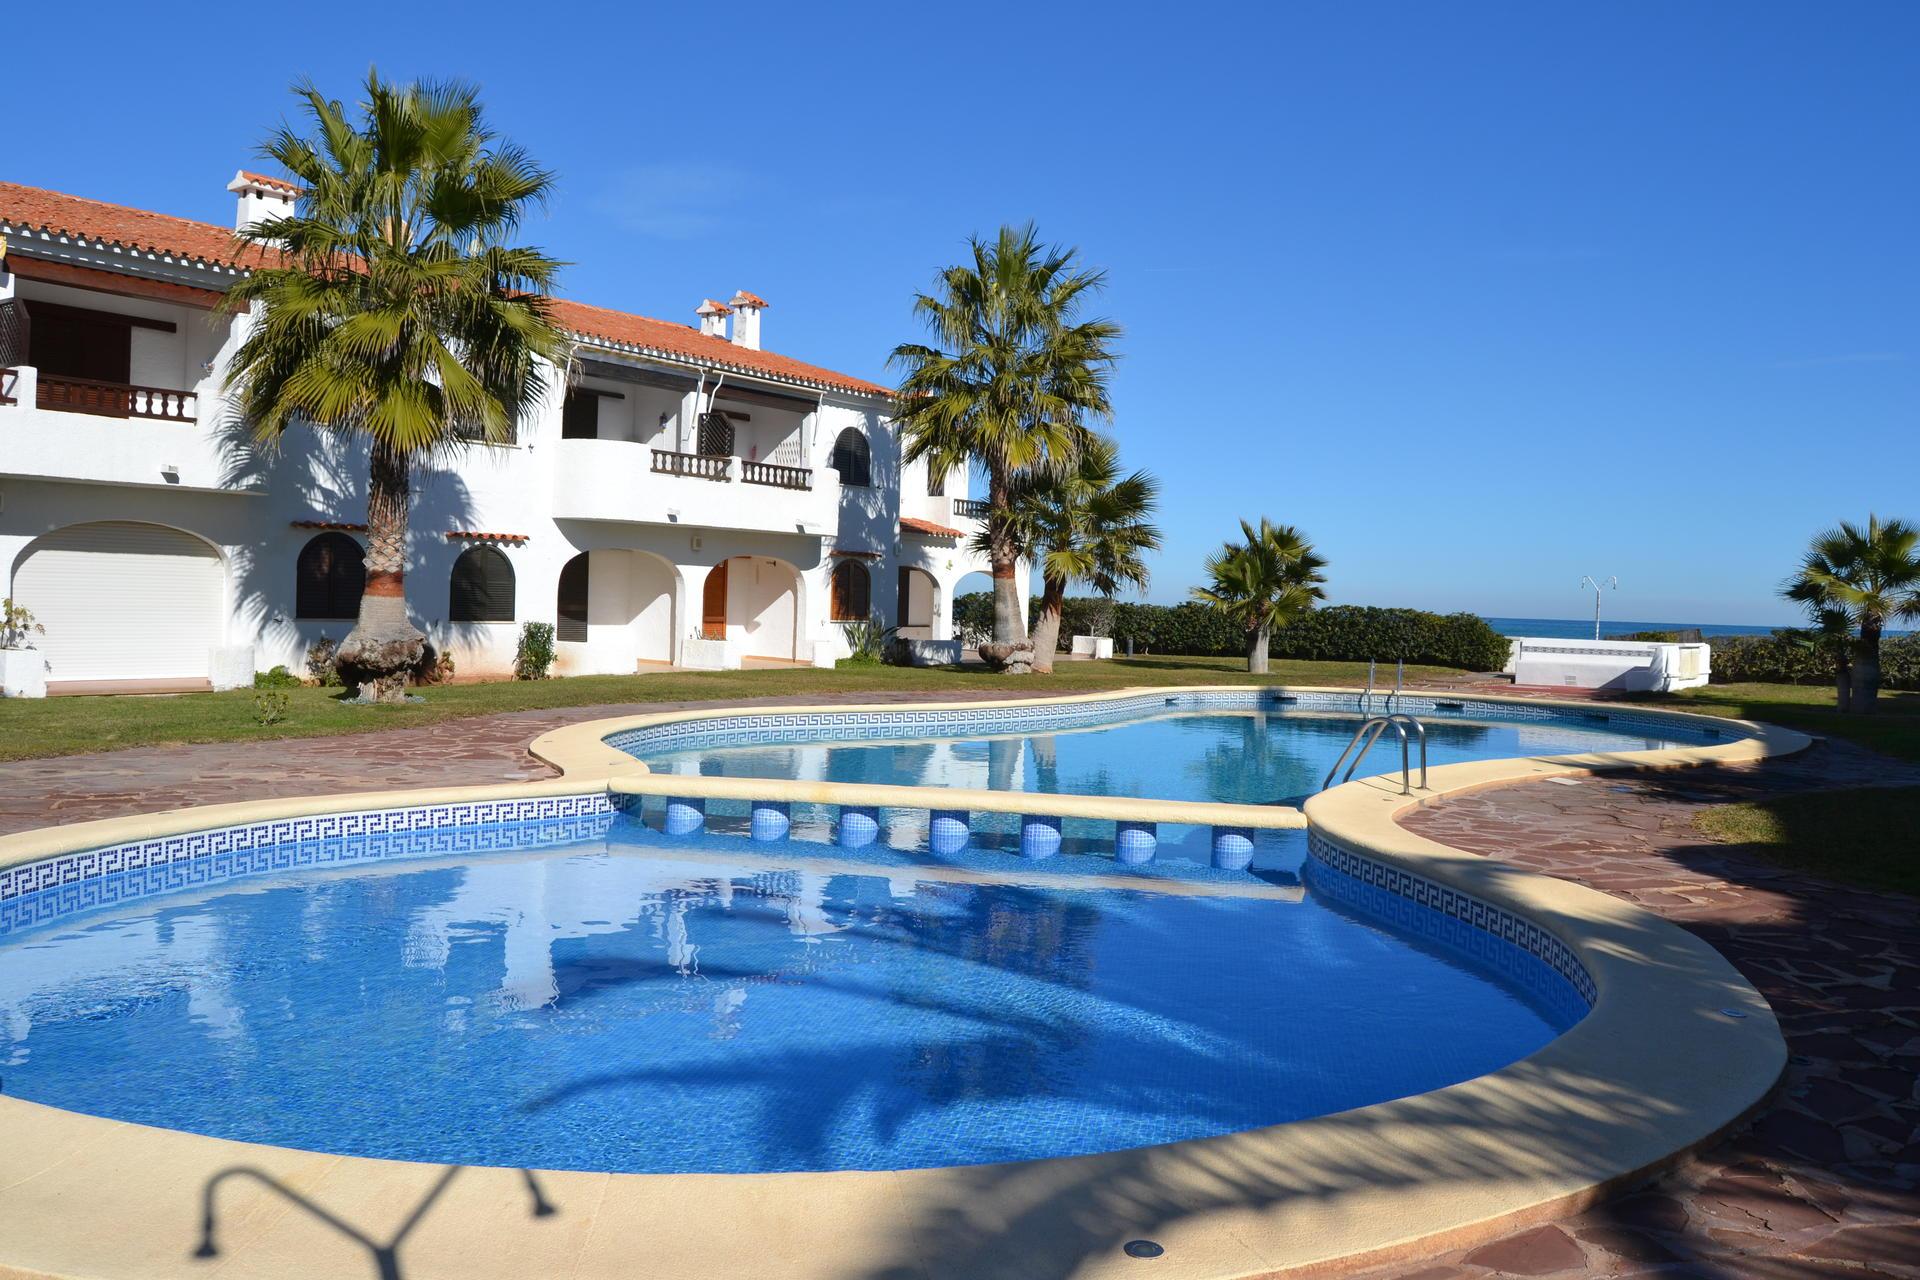 Excelente apartamento en planta baja cerca de la playa y en el km 4,5 de la carretera de las marinas. Alquiler Apartamento en Denia - Ref. NP C2 - Playa Las Deveses